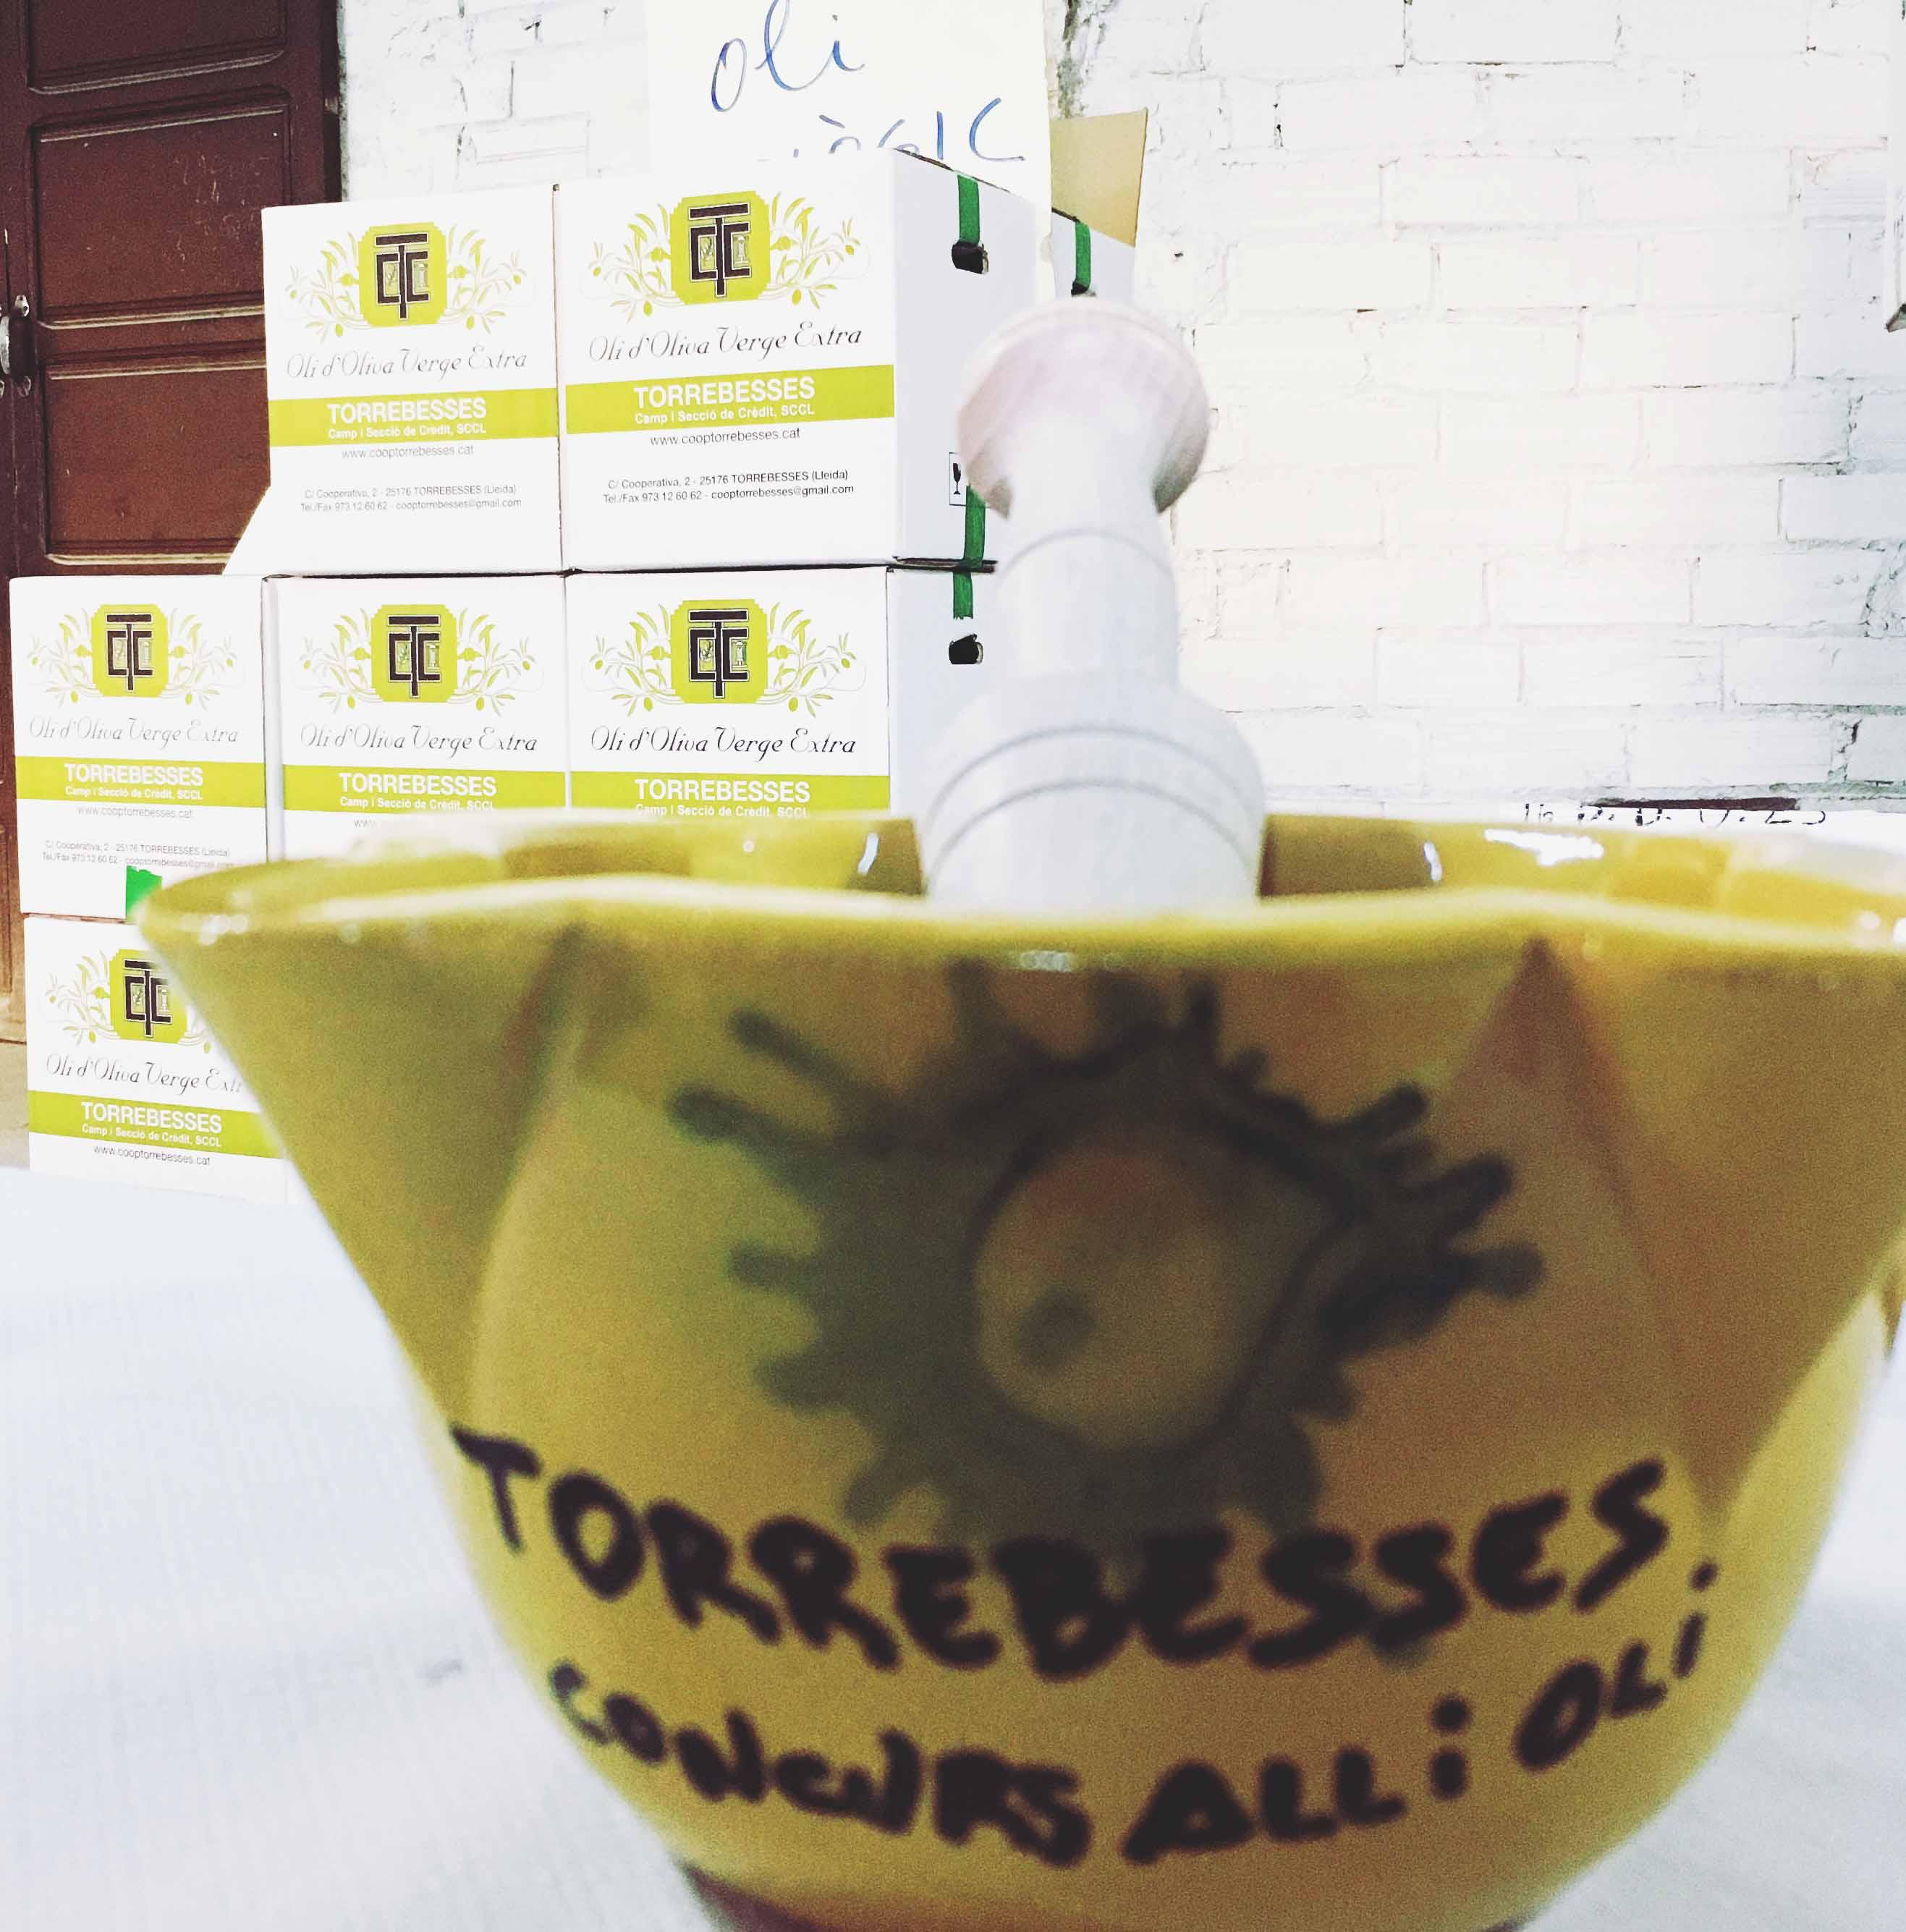 Camins-Torrebesses-2017